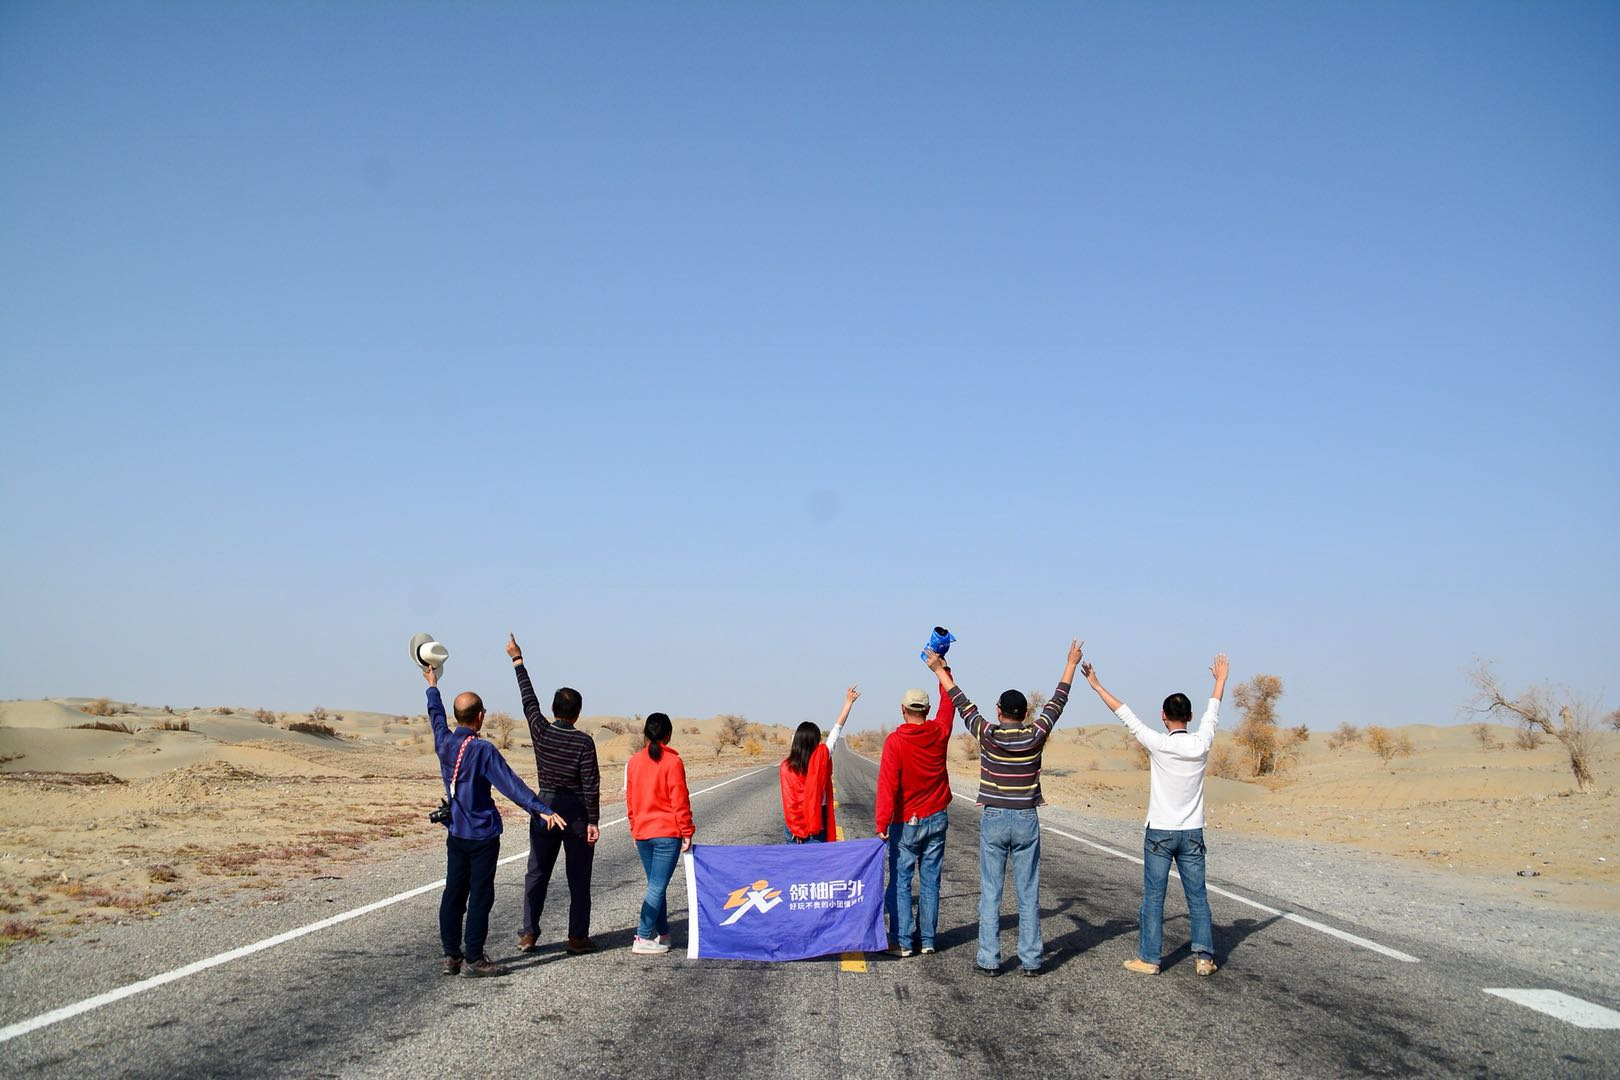 南疆旅游沙漠公路